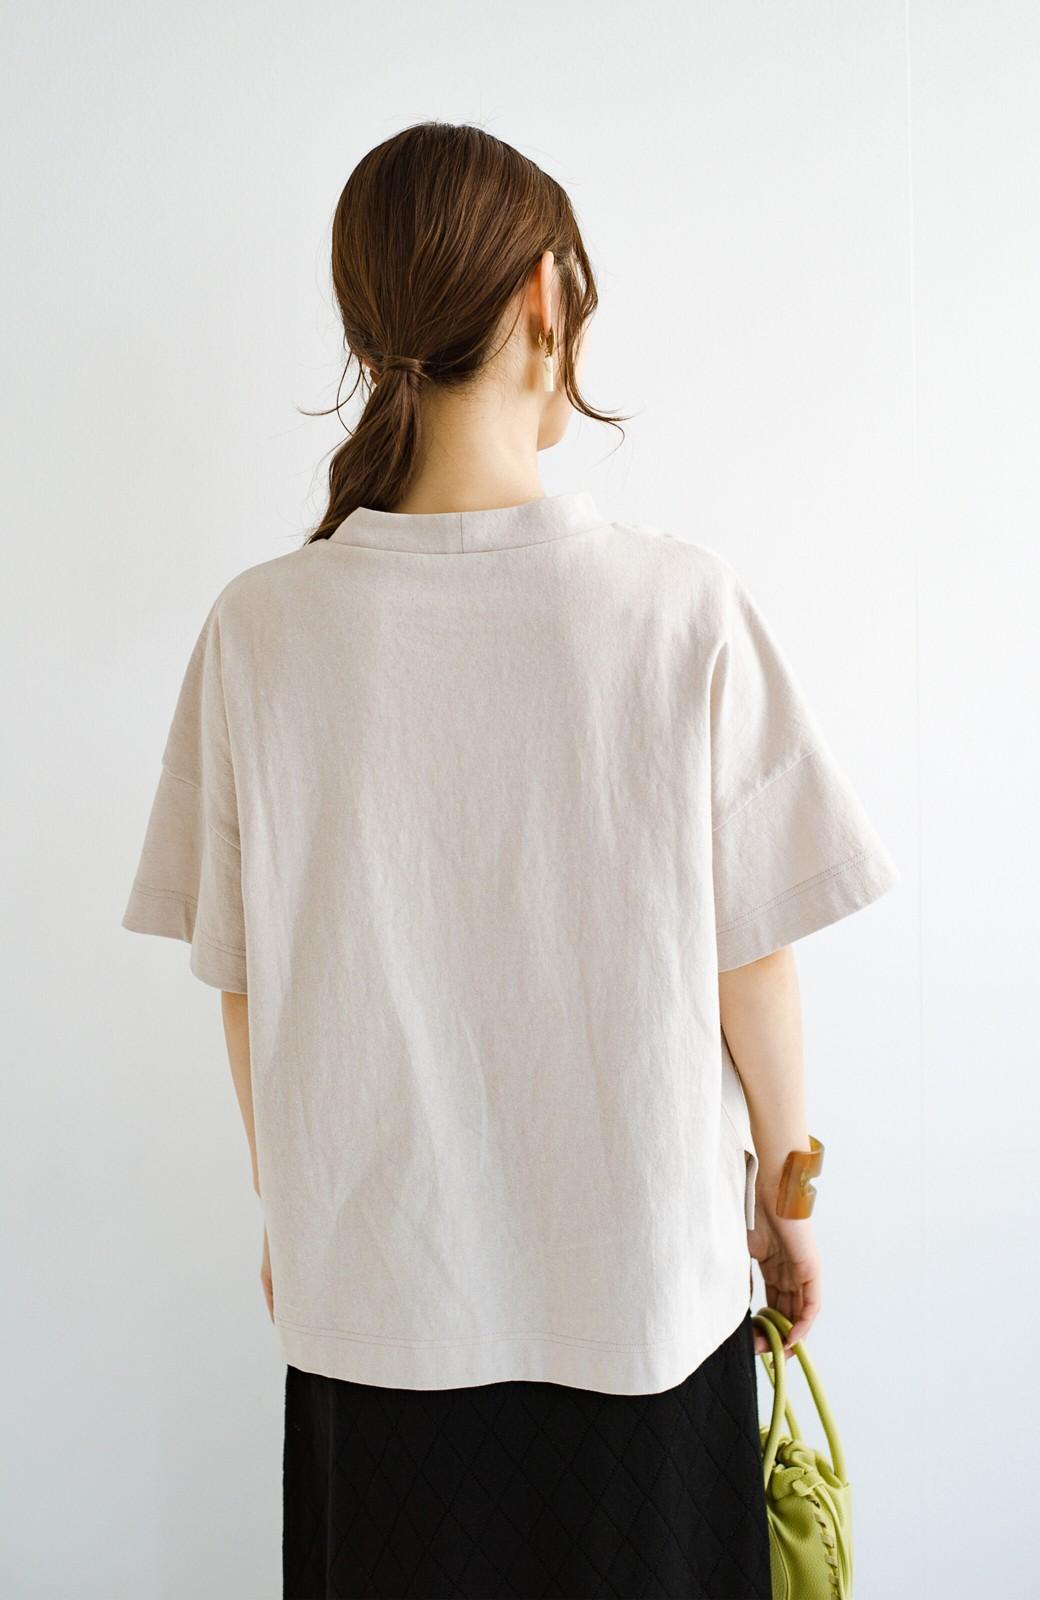 haco! じゃぶじゃぶ洗えて毎日づかいに便利!コーデに迷わず便利なモックネックTシャツ <ベージュ>の商品写真16